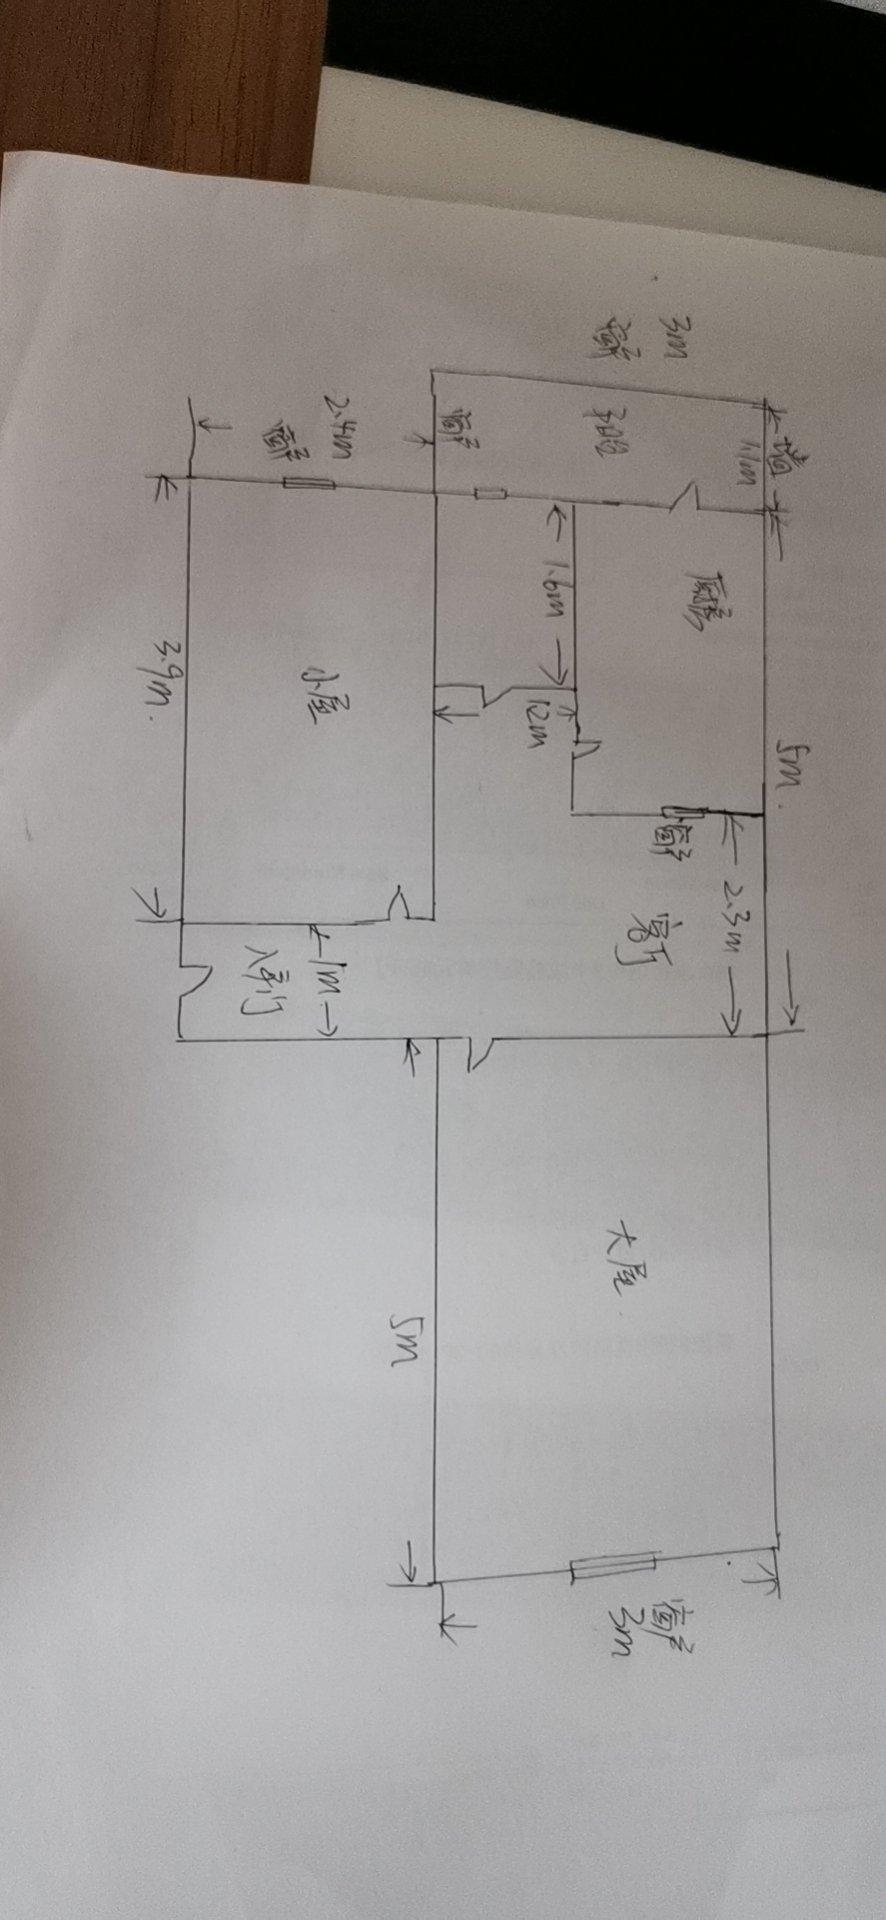 我是老房改造,卧室面积大,客厅厨房卫生间小,不知道把冰箱和洗衣机放哪比较合理